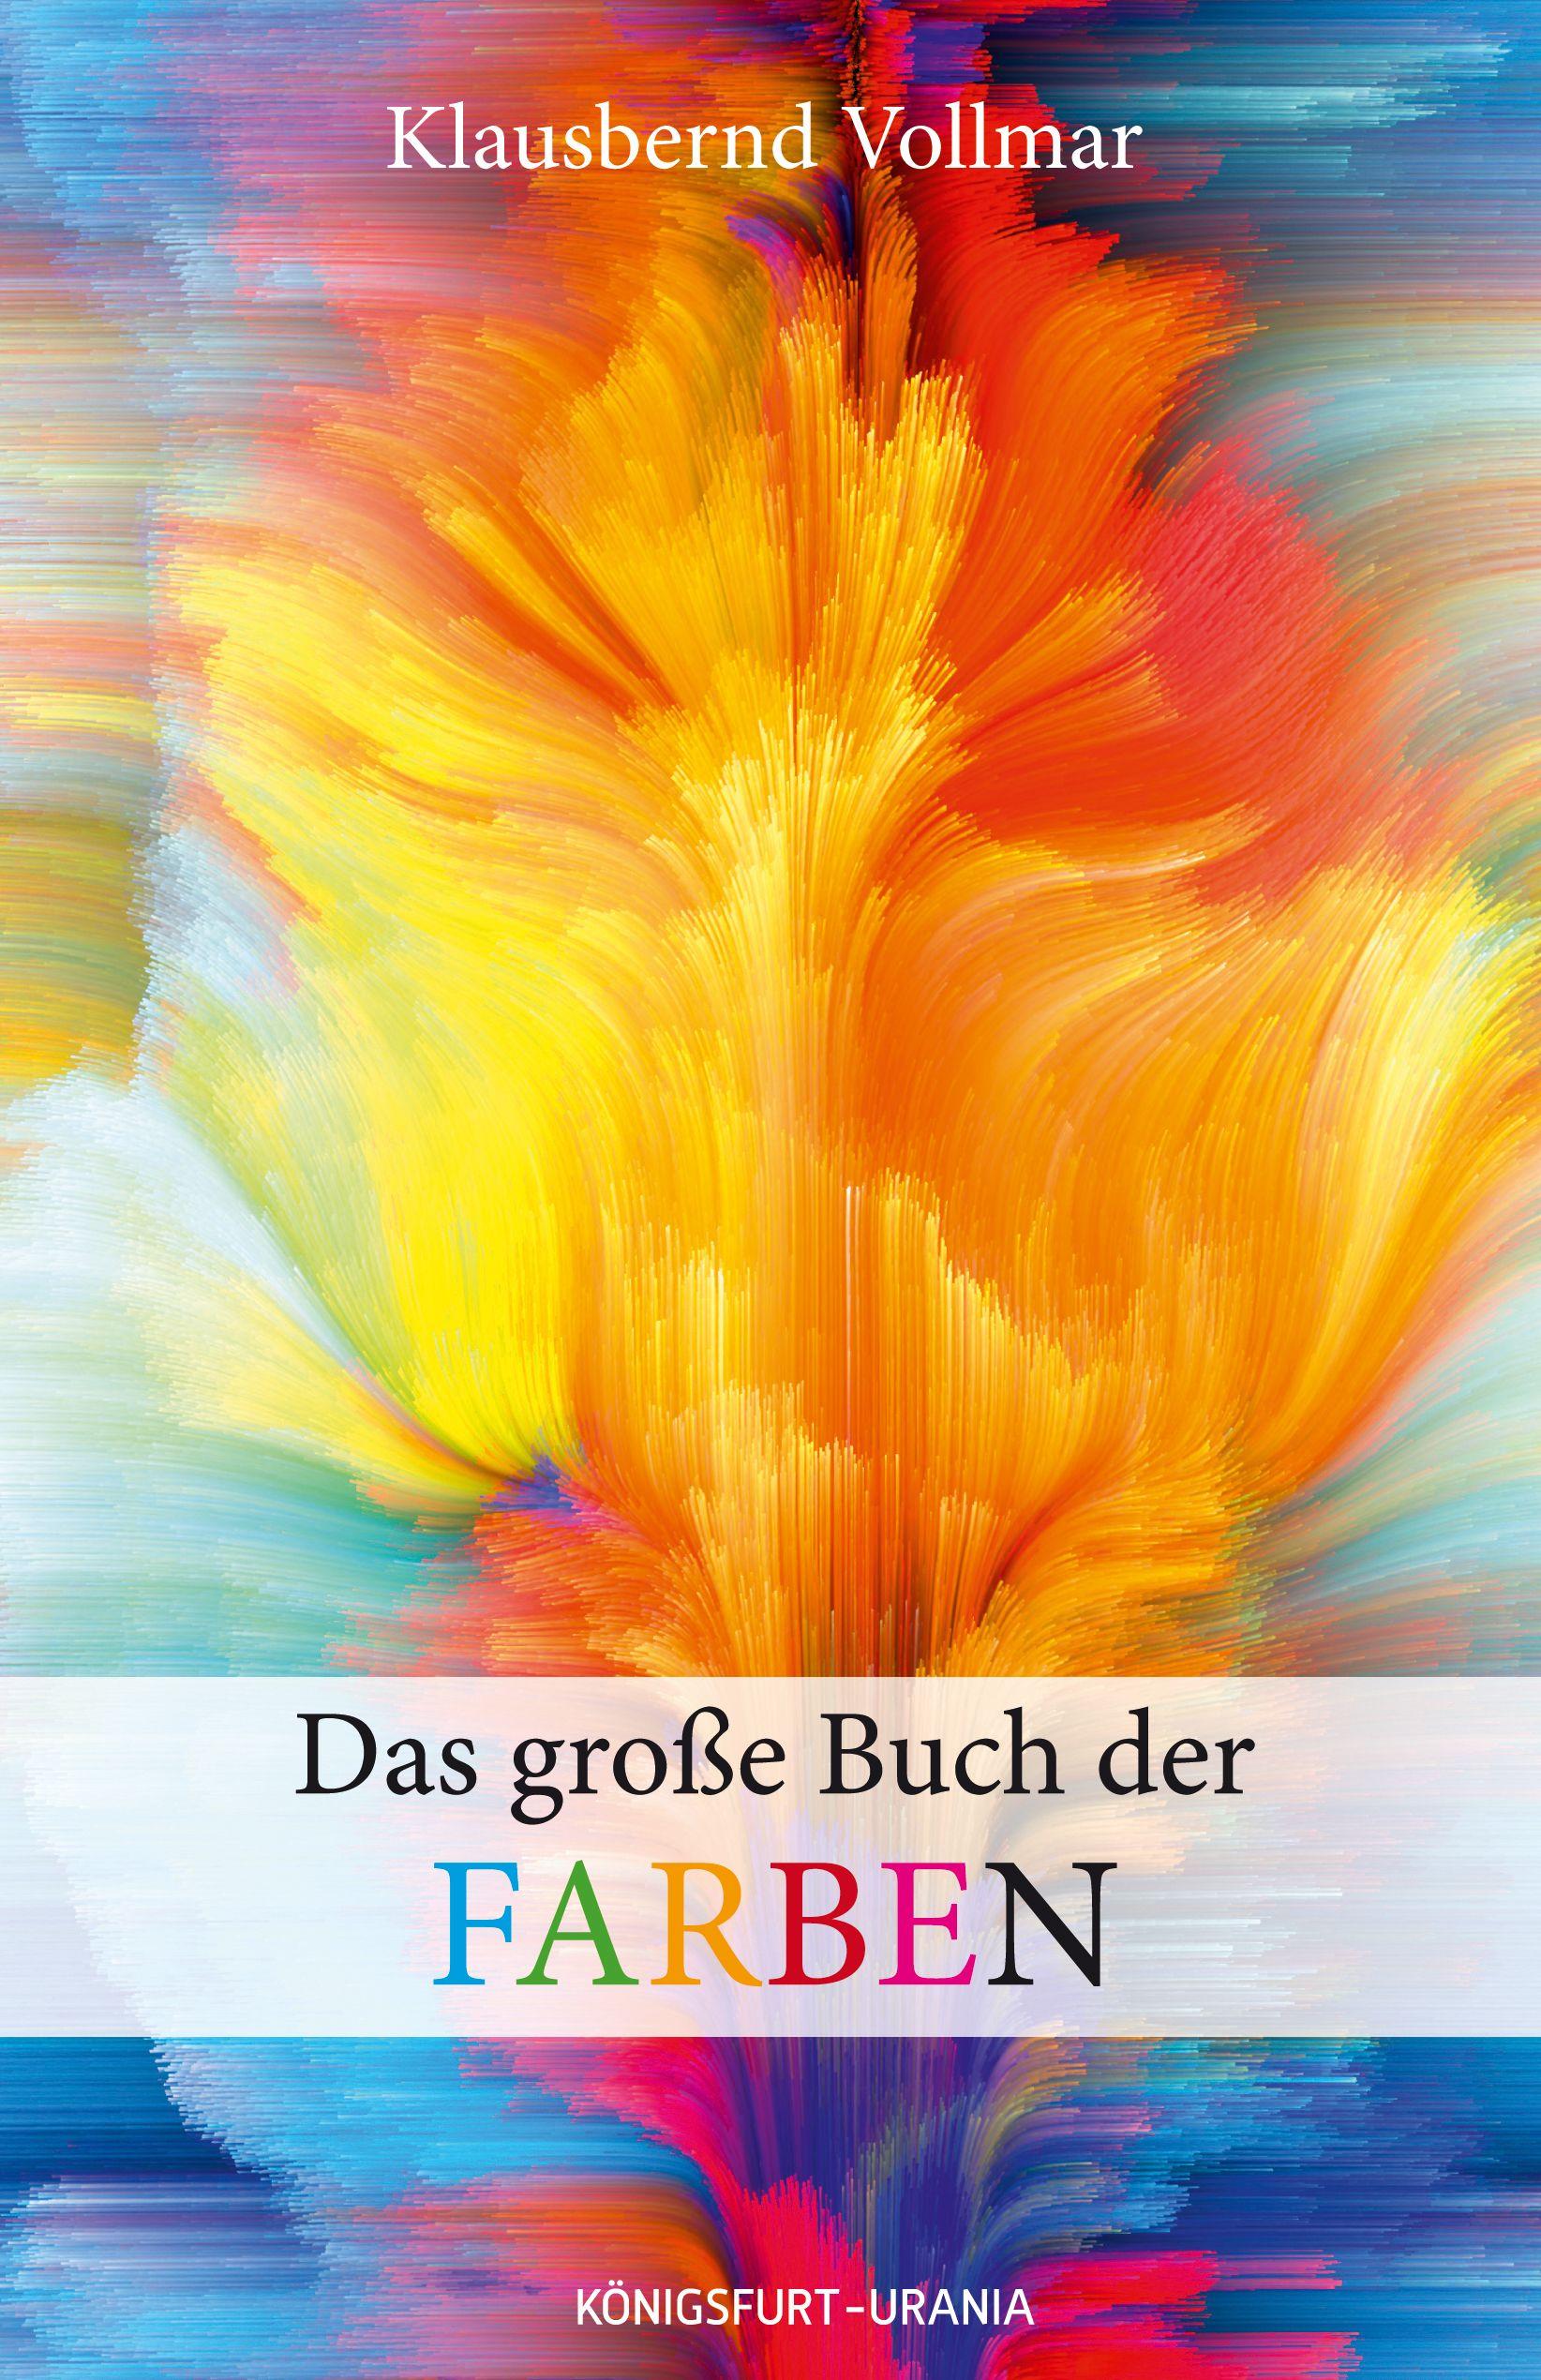 Das große Buch der Farben von Vollmar, Klausbernd: